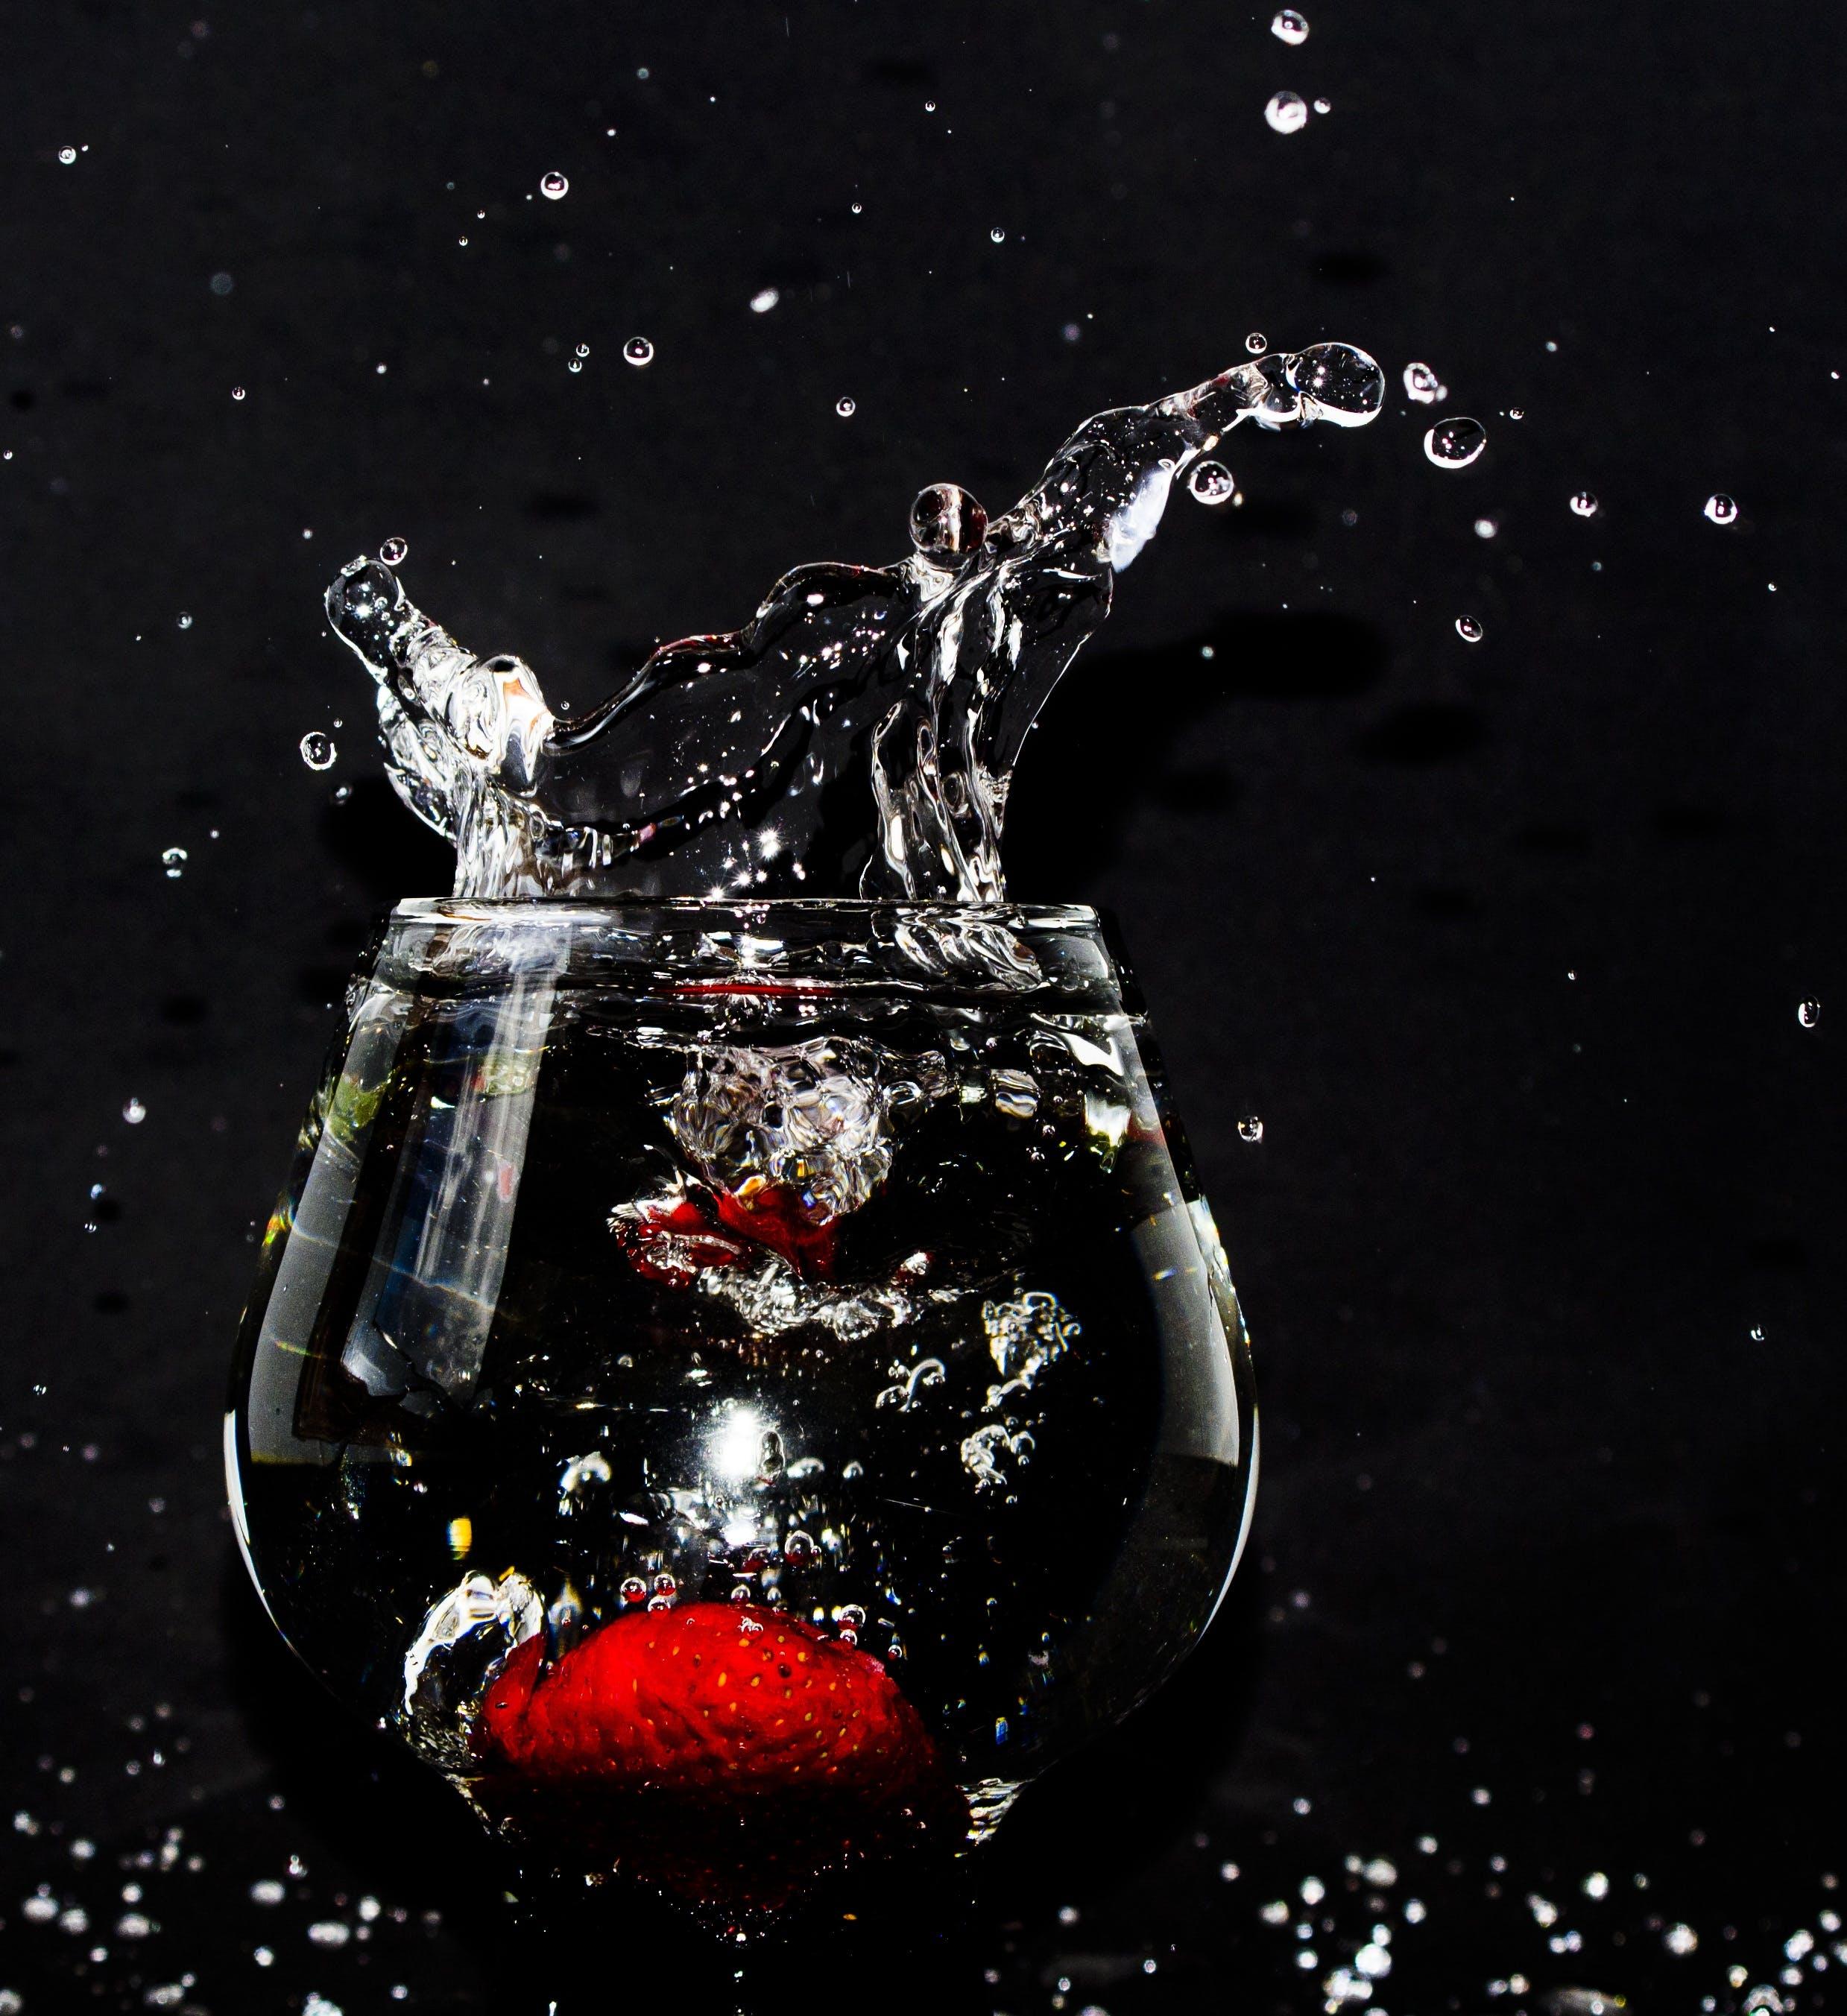 aigua, beguda, beure